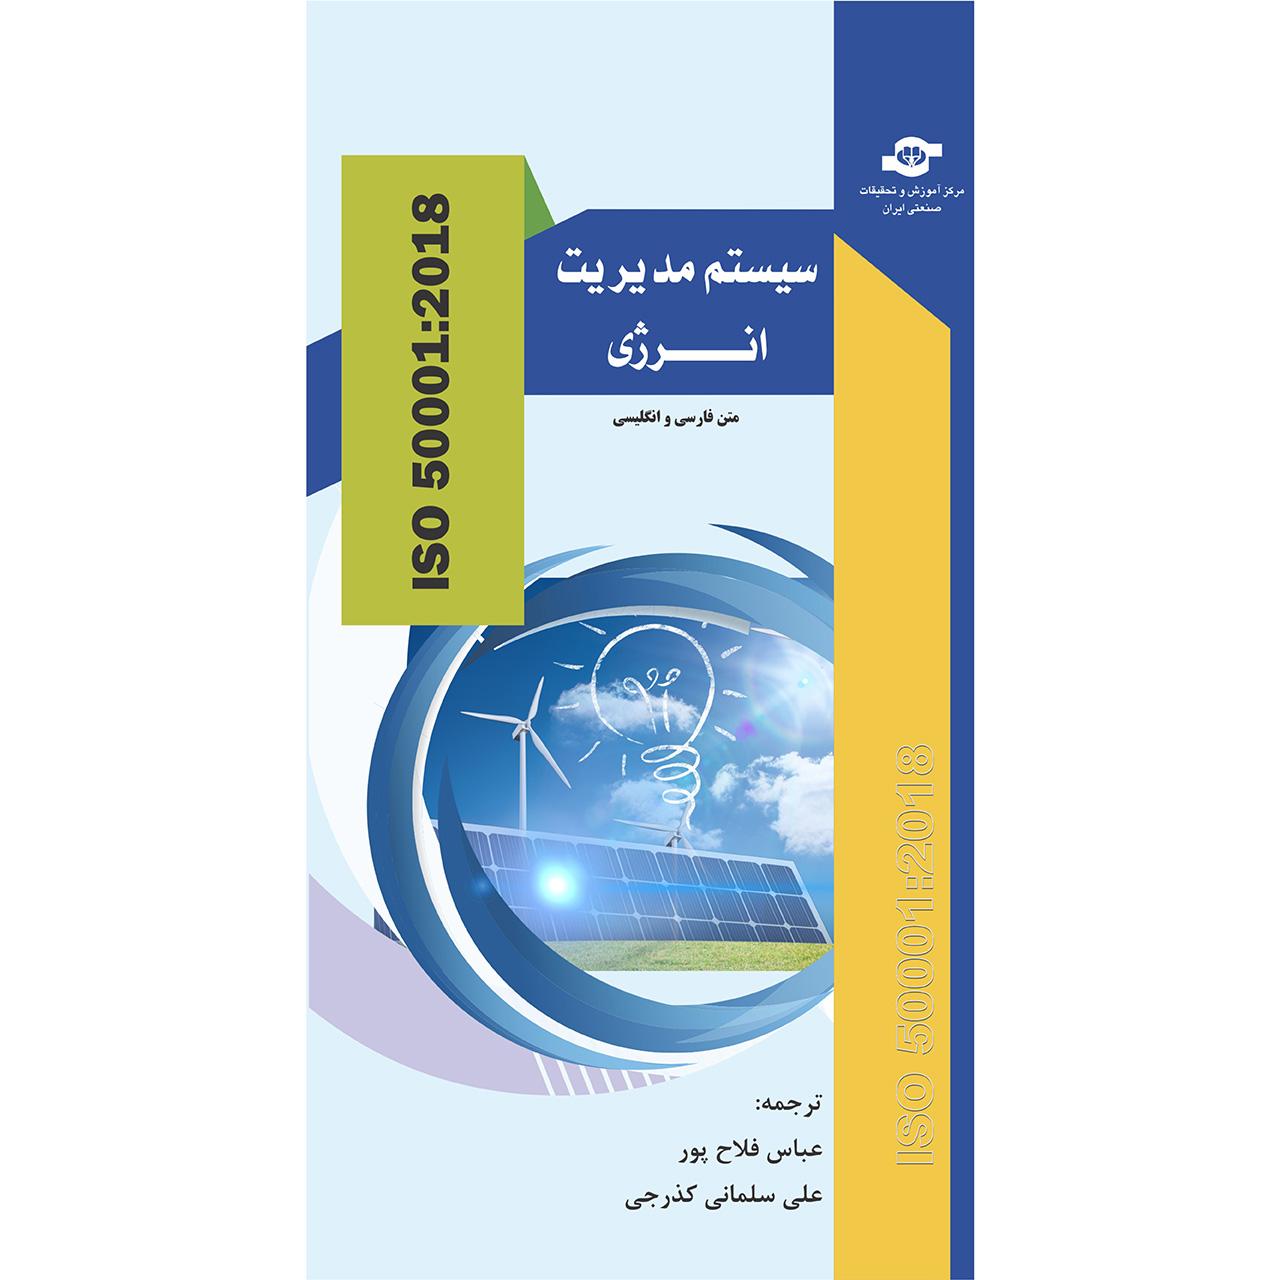 خرید                      کتاب سیستم مدیریت انرژی ISO 50001:2018   انتشارات مرکز آموزش و تحقیقات صنعتی ایران